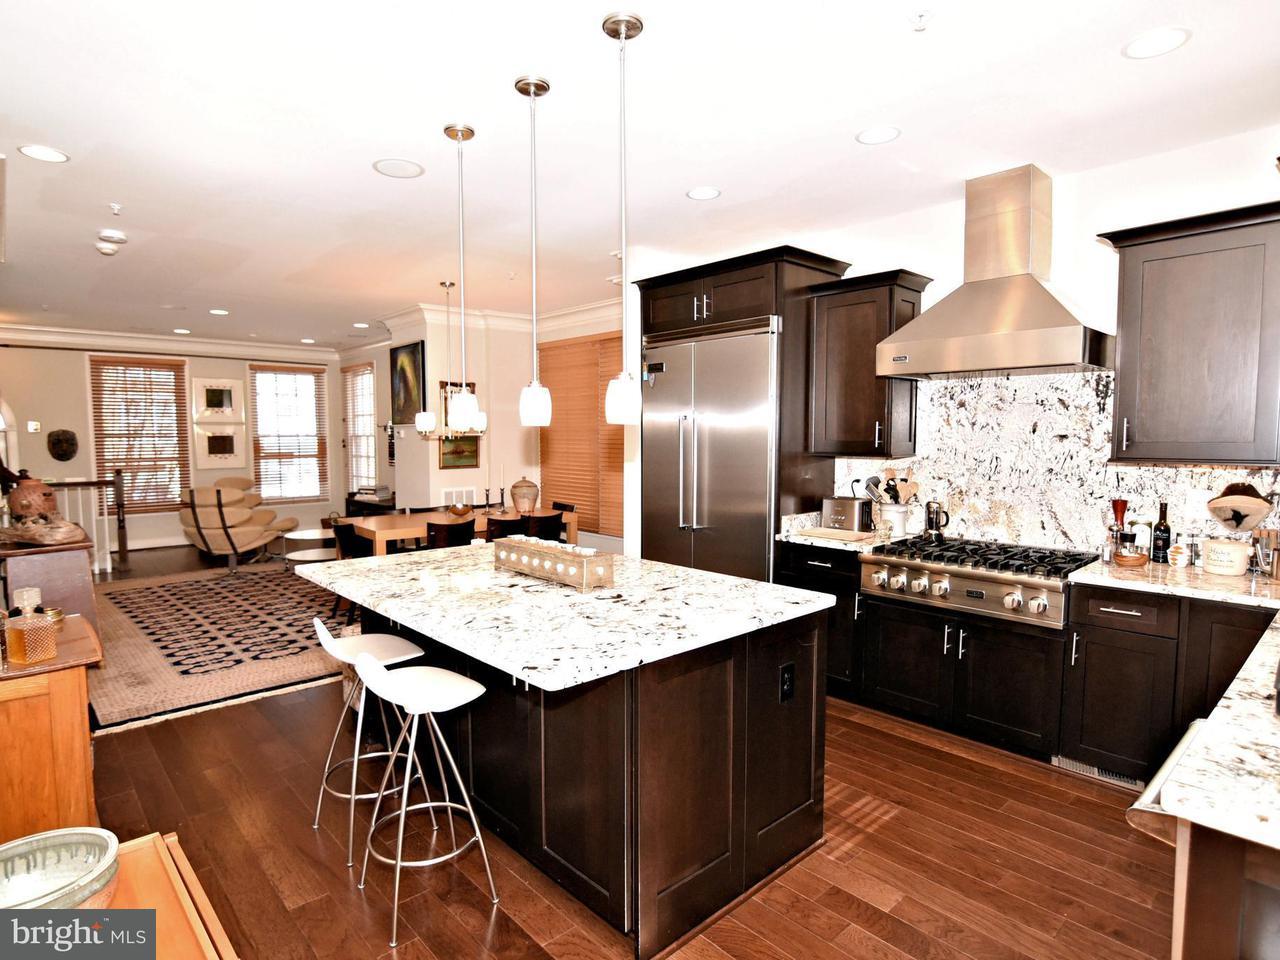 Σπίτι στην πόλη για την Πώληση στο 4452 Macarthur Blvd Nw 4452 Macarthur Blvd Nw Washington, Περιφερεια Τησ Κολουμπια 20007 Ηνωμενεσ Πολιτειεσ